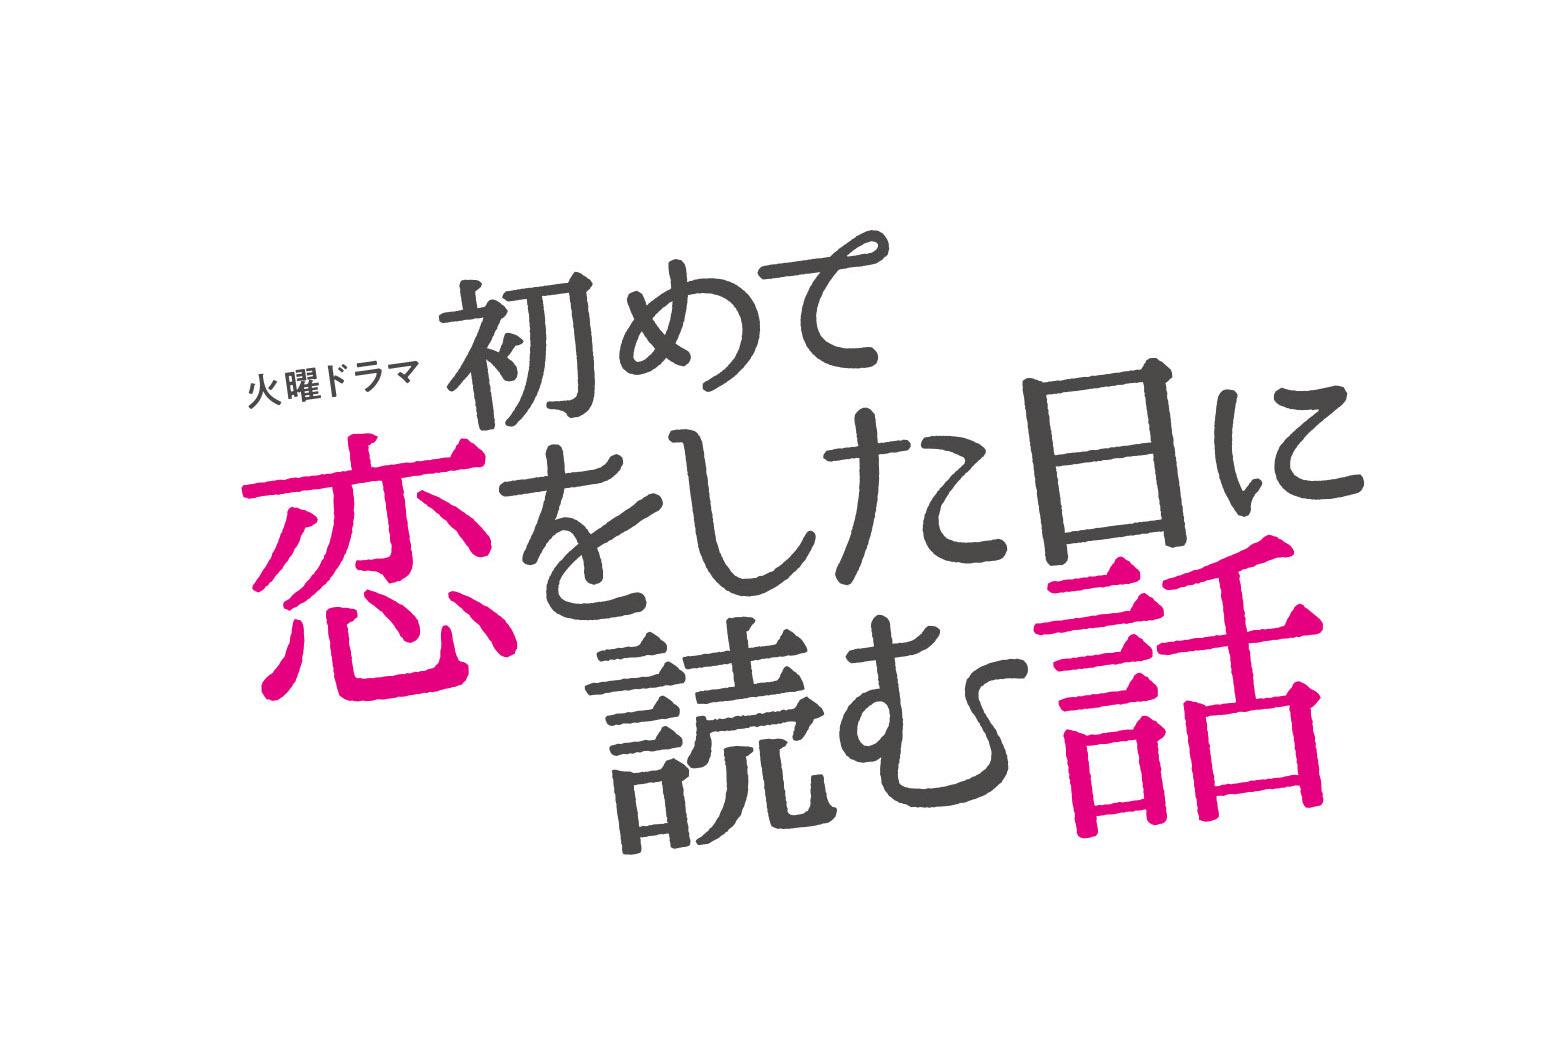 2019年最初の新曲「HAPPY BIRTHDAY」が TBS系火曜ドラマ「初めて恋をした日に読む話」の 主題歌に決定!!